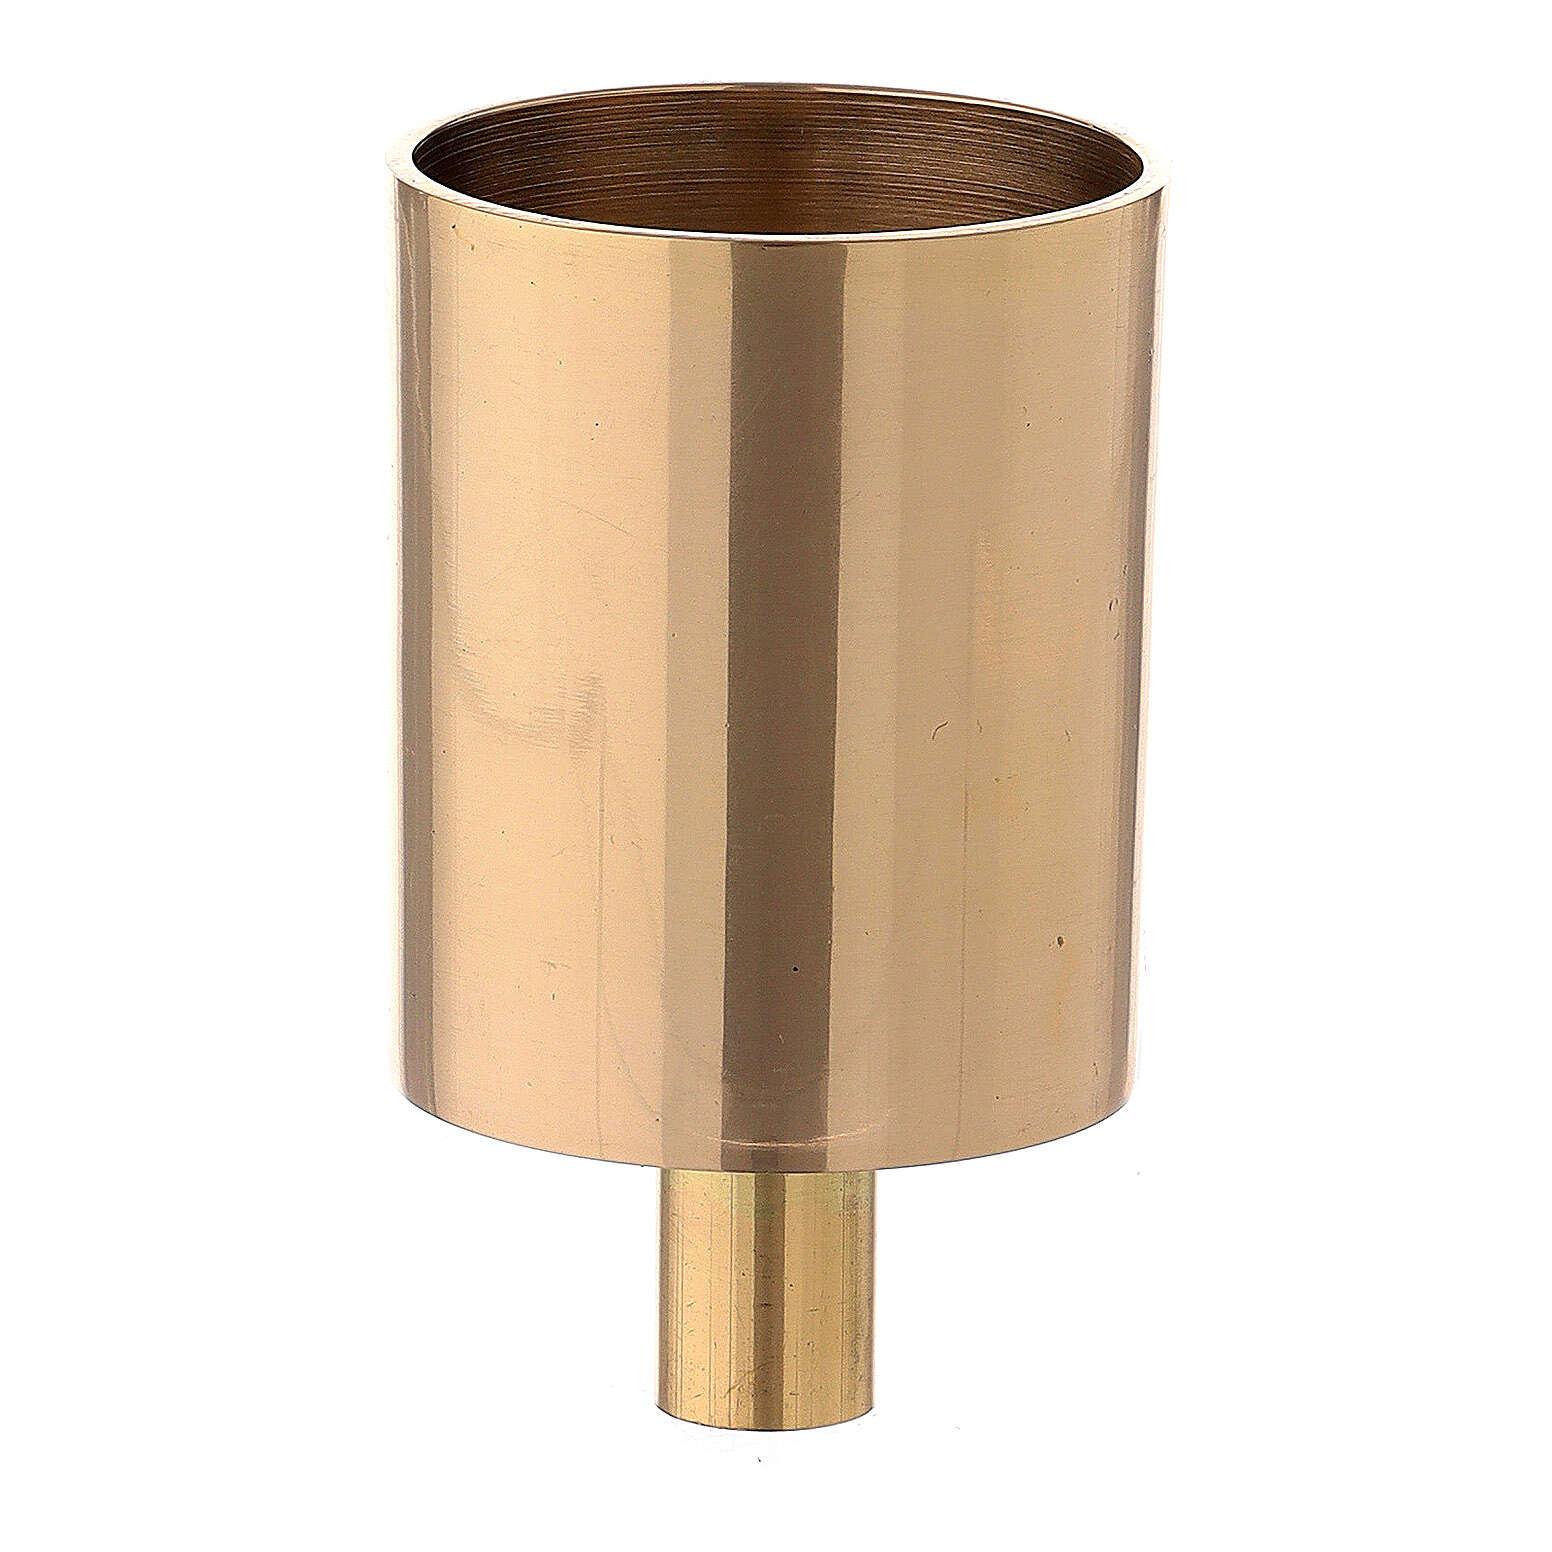 Base portavela latón dorado tornillo 4 cm 4